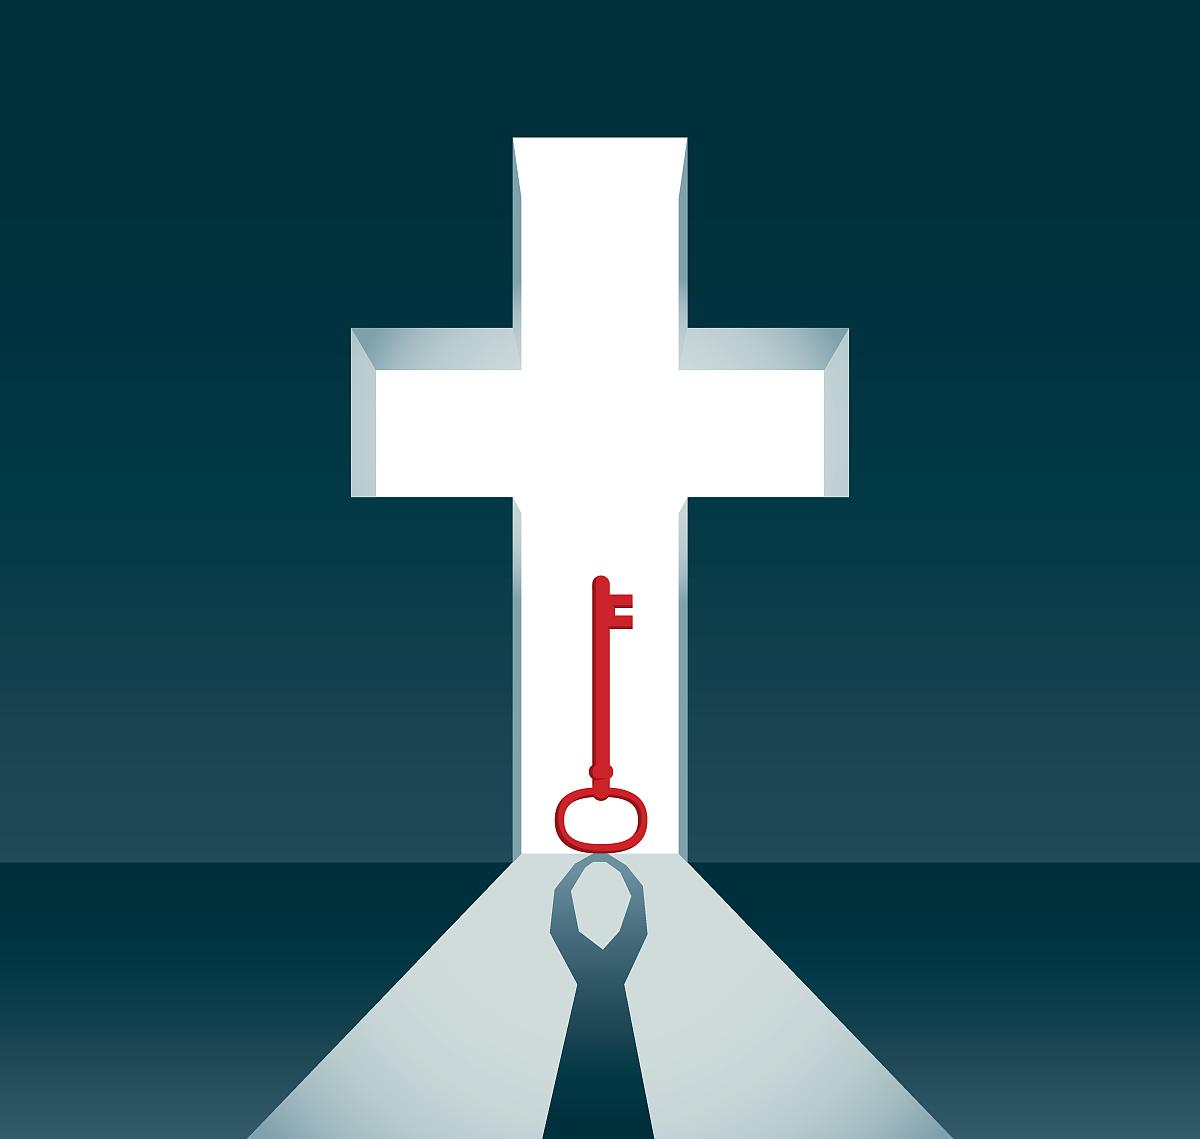 通往天堂的钥匙_通往天堂的钥匙-通往天堂的钥匙淘宝网,中国通往欧洲的铁路,通往天堂